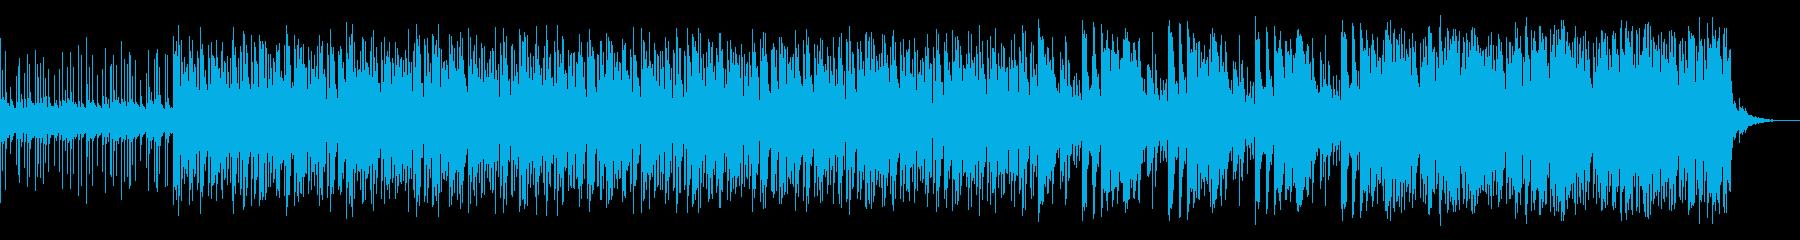 焦燥感を煽られるような曲の再生済みの波形